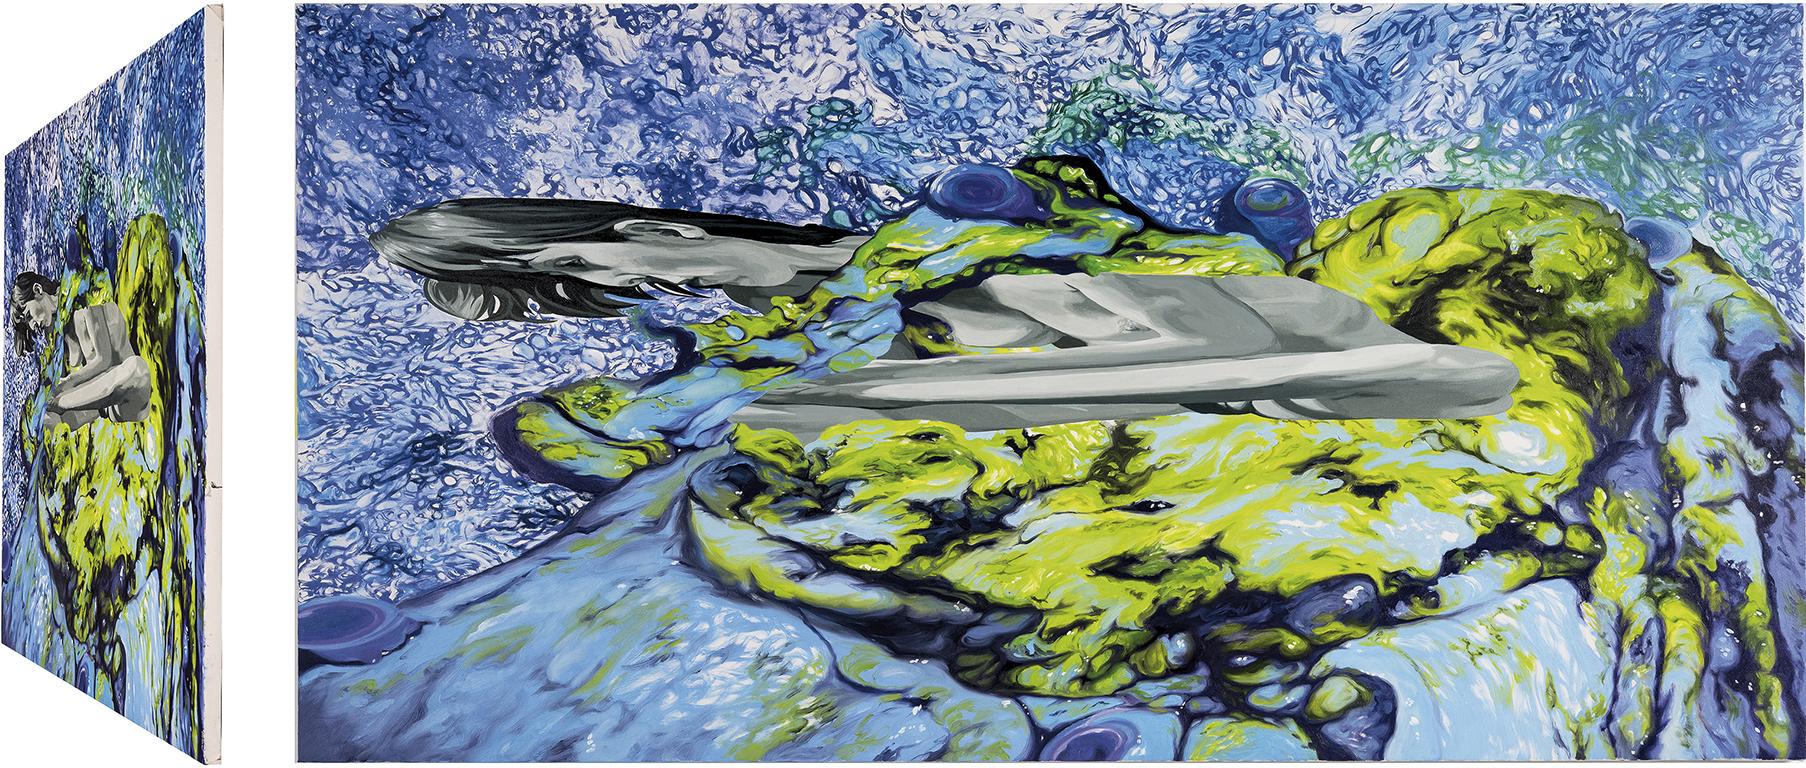 Espinario. Óleo sobre lienzo. 73 x 146 cm.